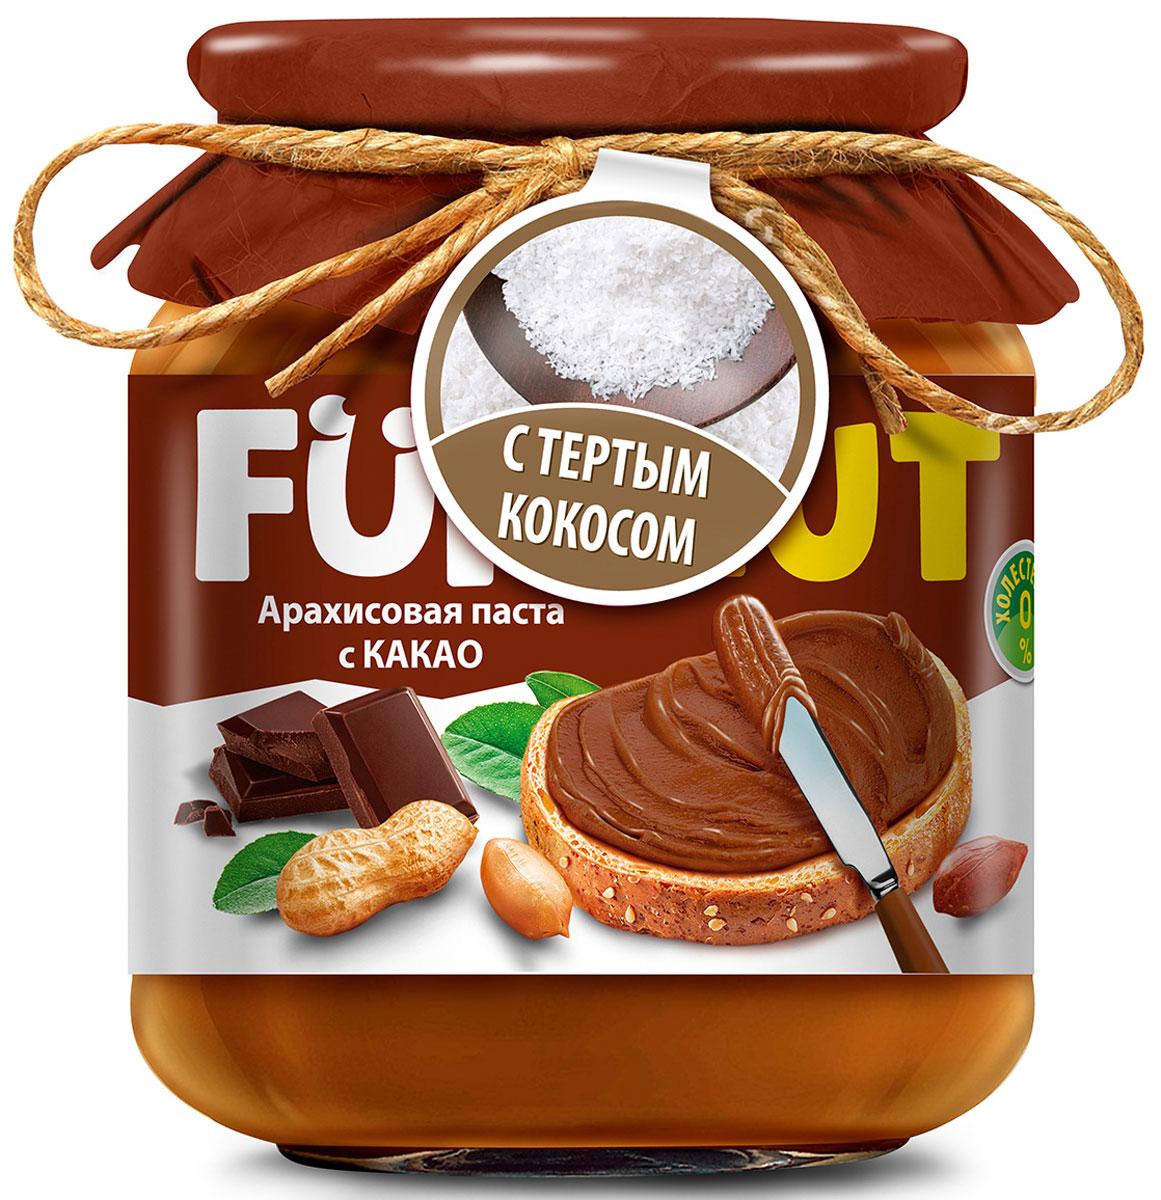 Funnat Арахисовая паста с какао с добавлением кокоса, 340 г4607125989812